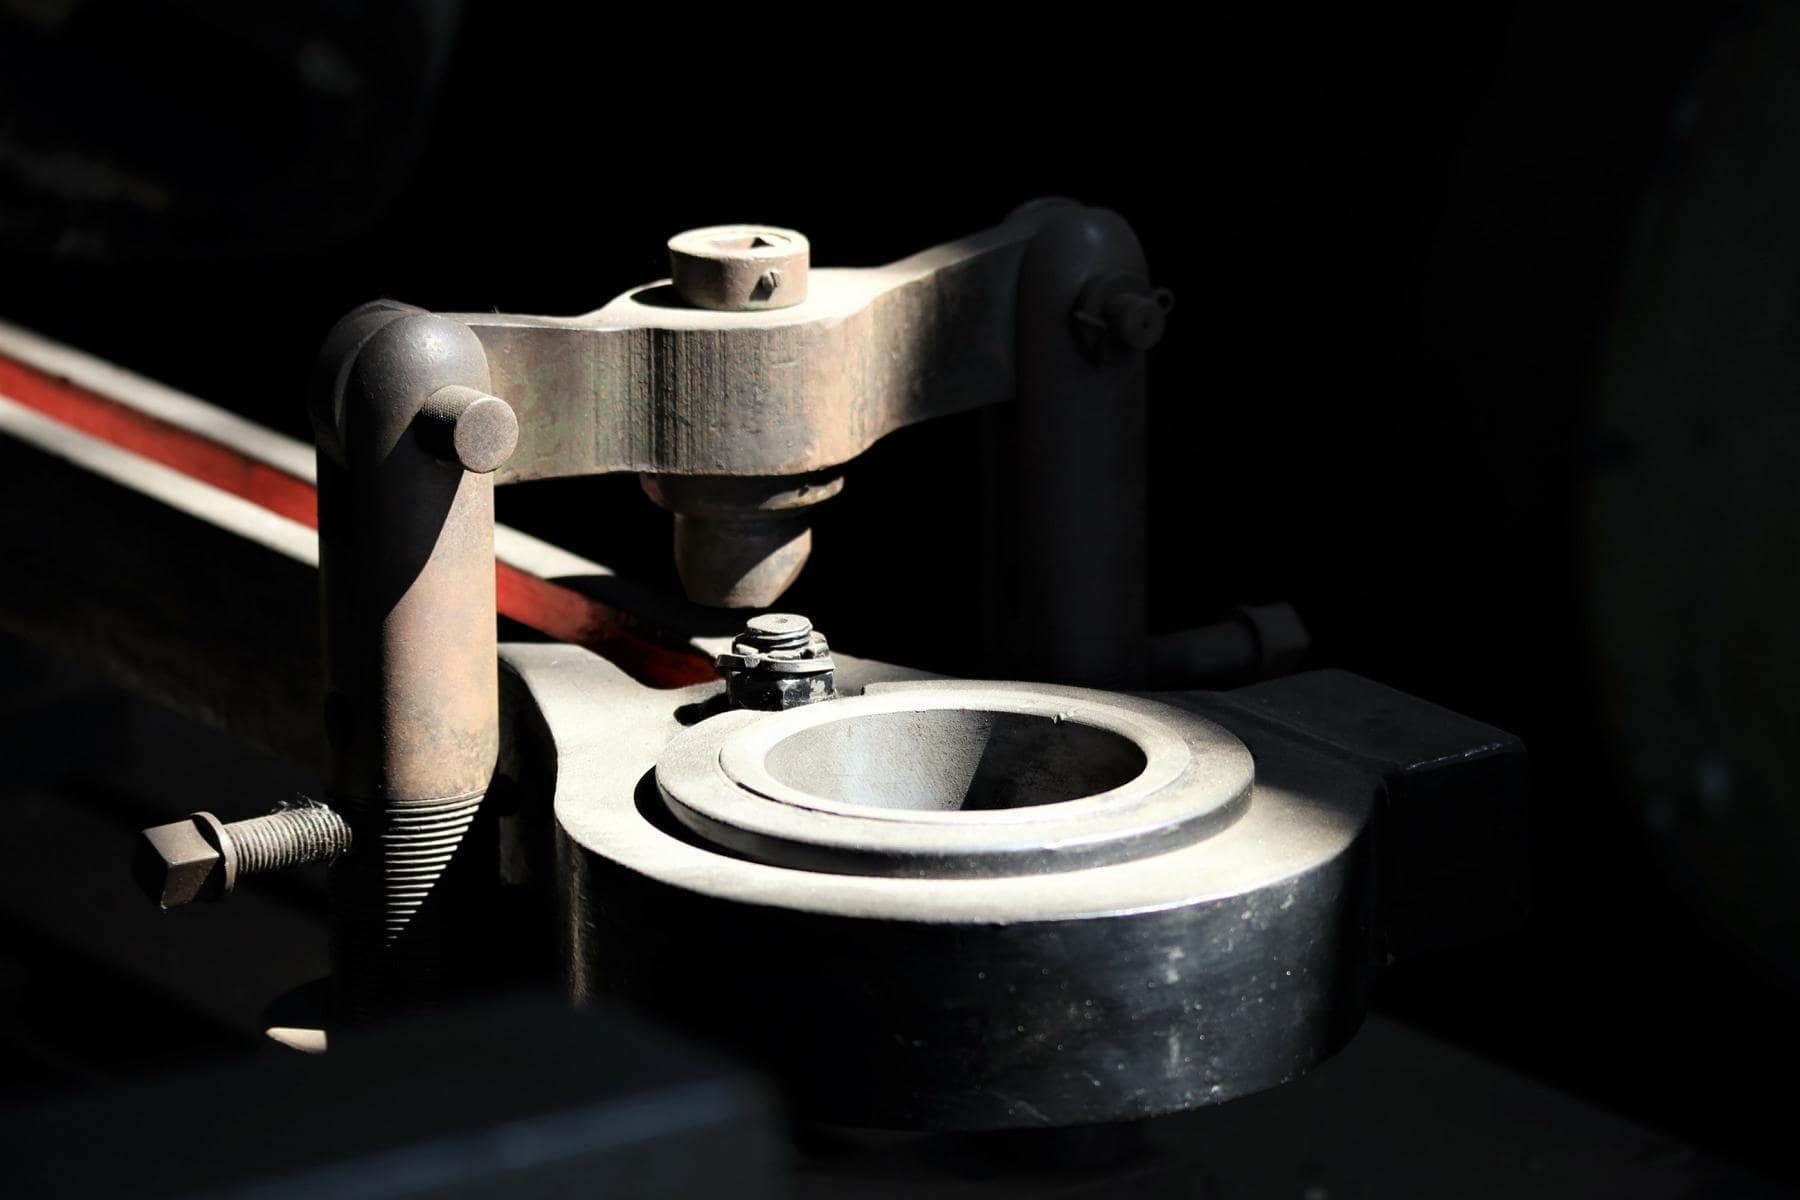 ©Foto: Christian Wodzinski | railmen | Zur Museumswerkstatt im Bahnbetriebswerk gehört u.a. ein Strassmann-Bohrwerk, auf welcher die Lager von Treib- und Kuppelstangen ausgebohrt werden können.